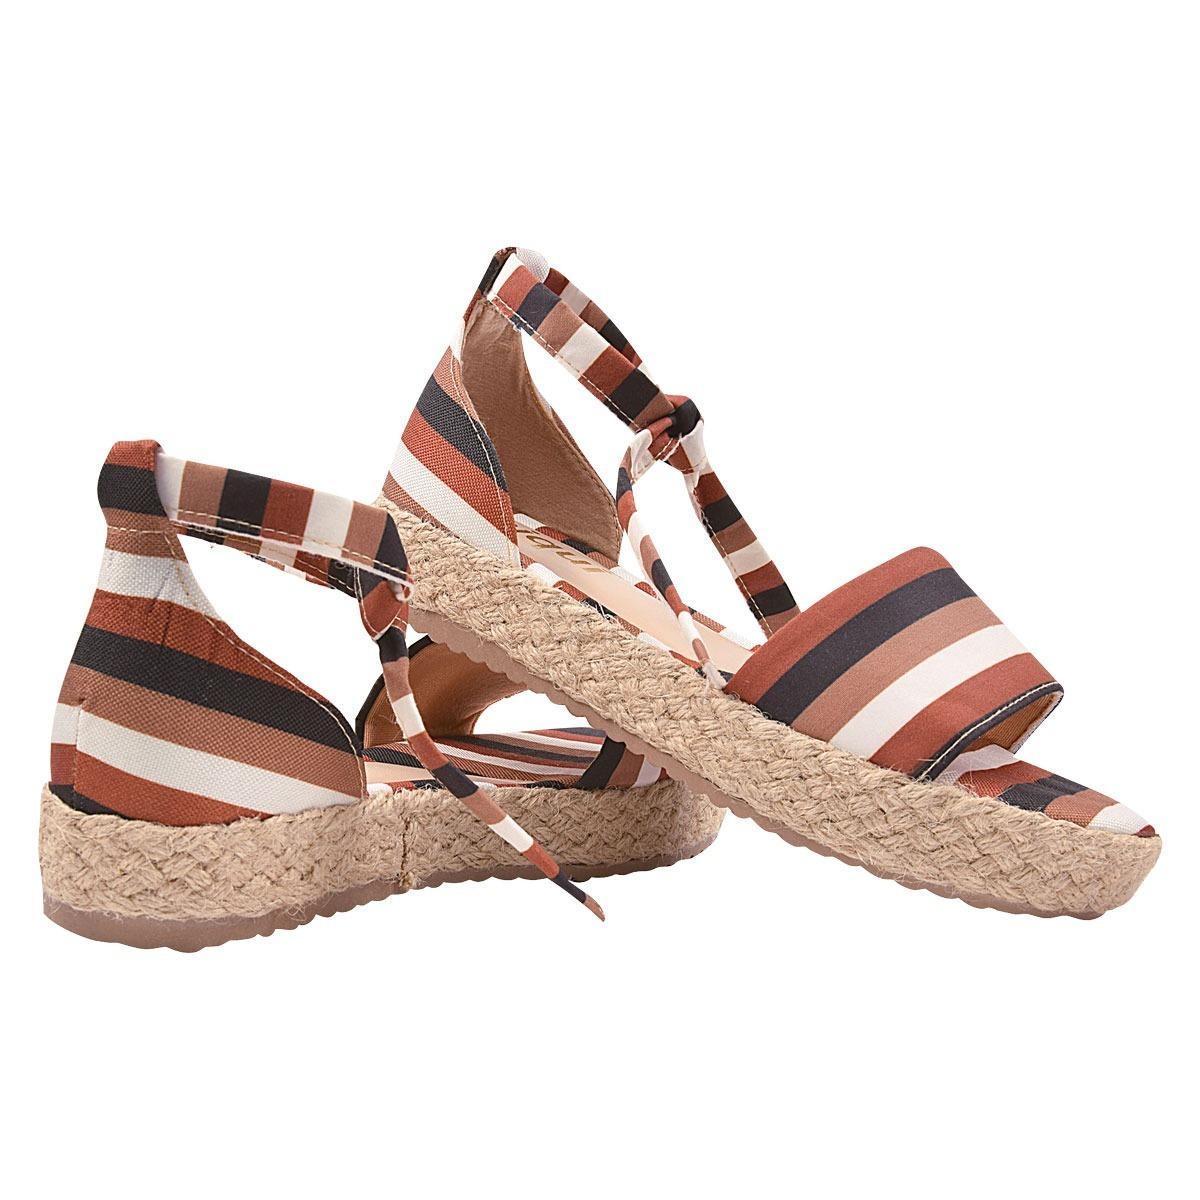 d750ba793 sandalia feminina anabela tratorada rasteirinha moda srg. Carregando zoom.